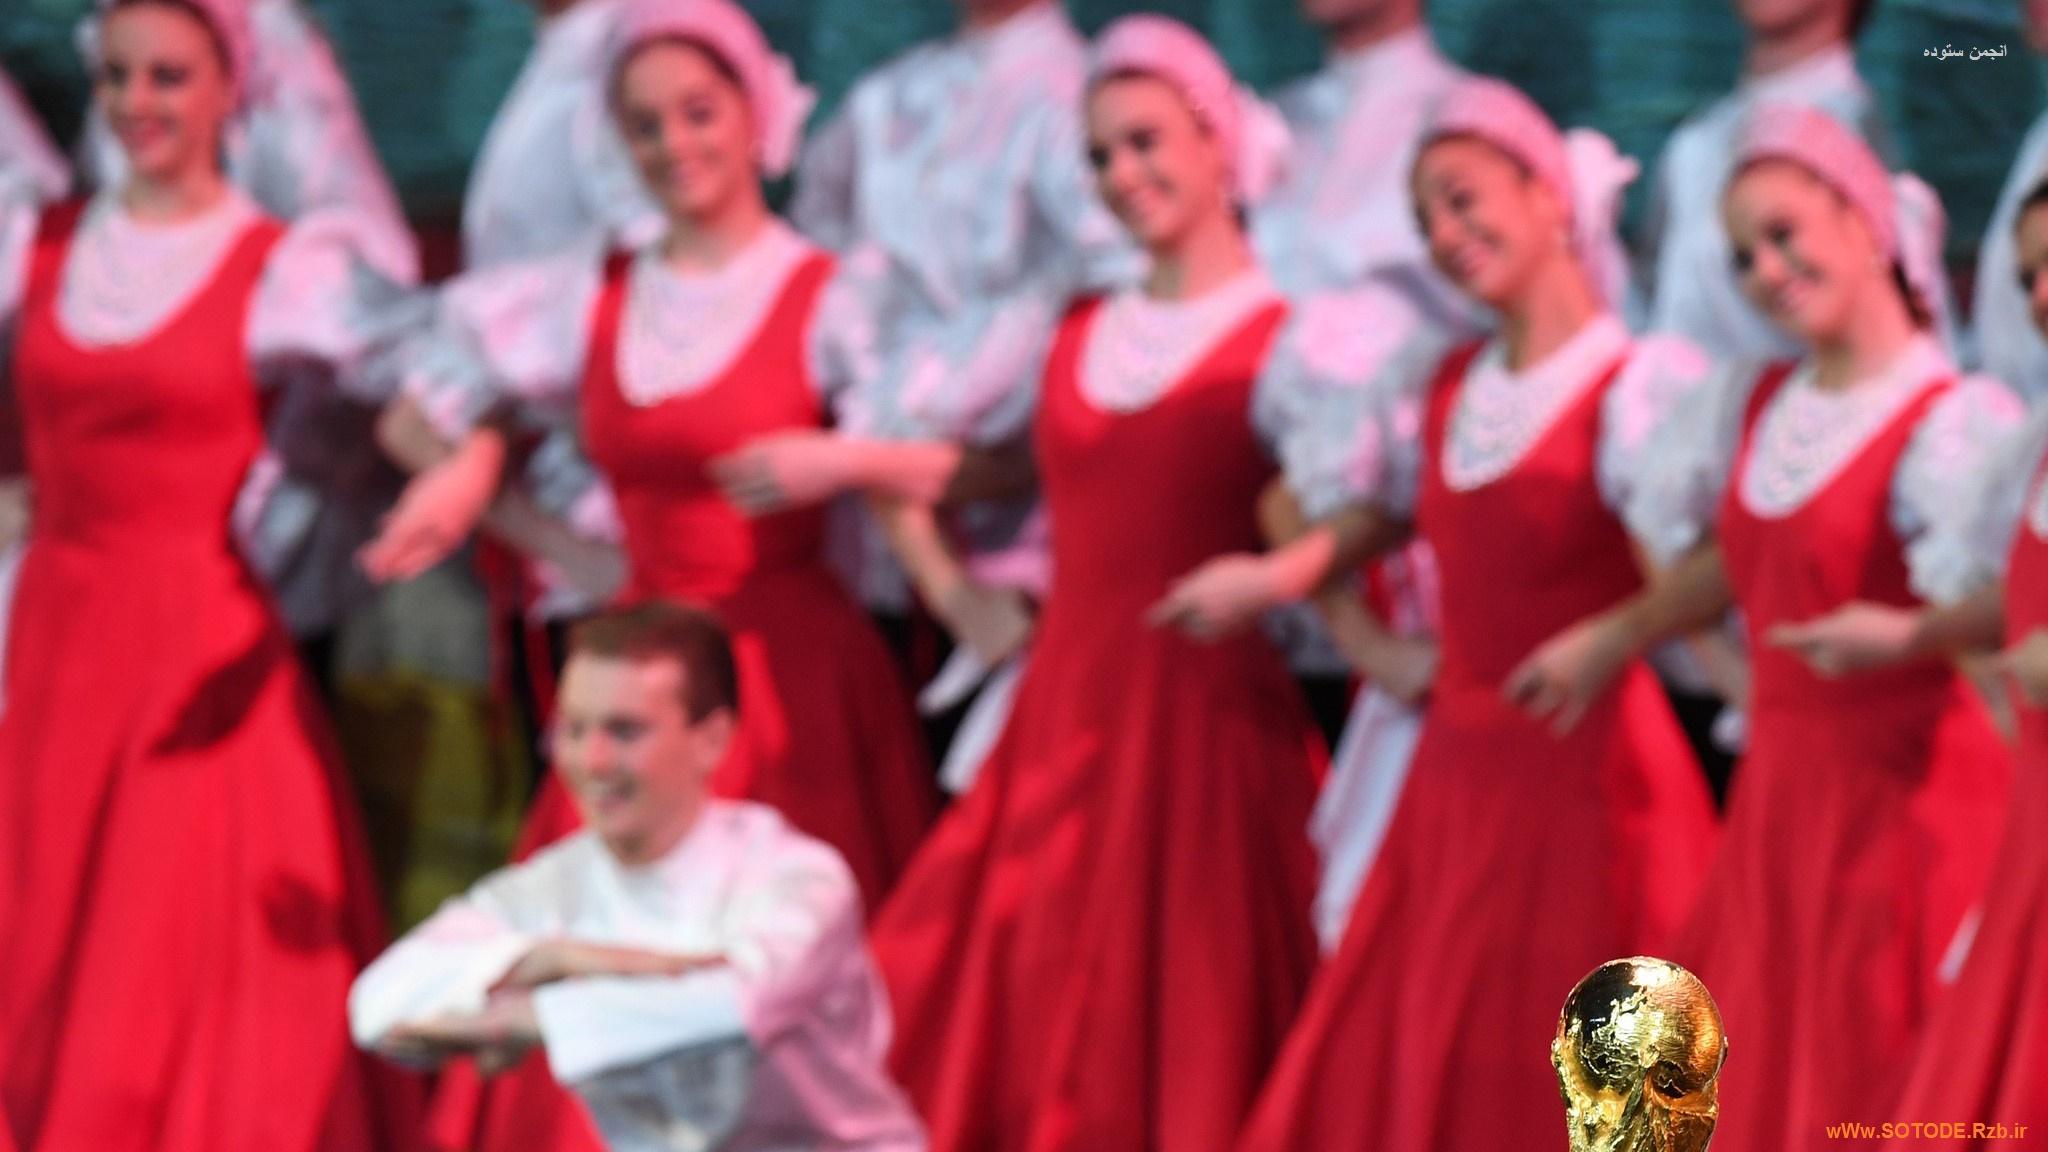 عکس هایی از رقص قبل از برگزاری مراسم جام جهانی 2018 روسیه